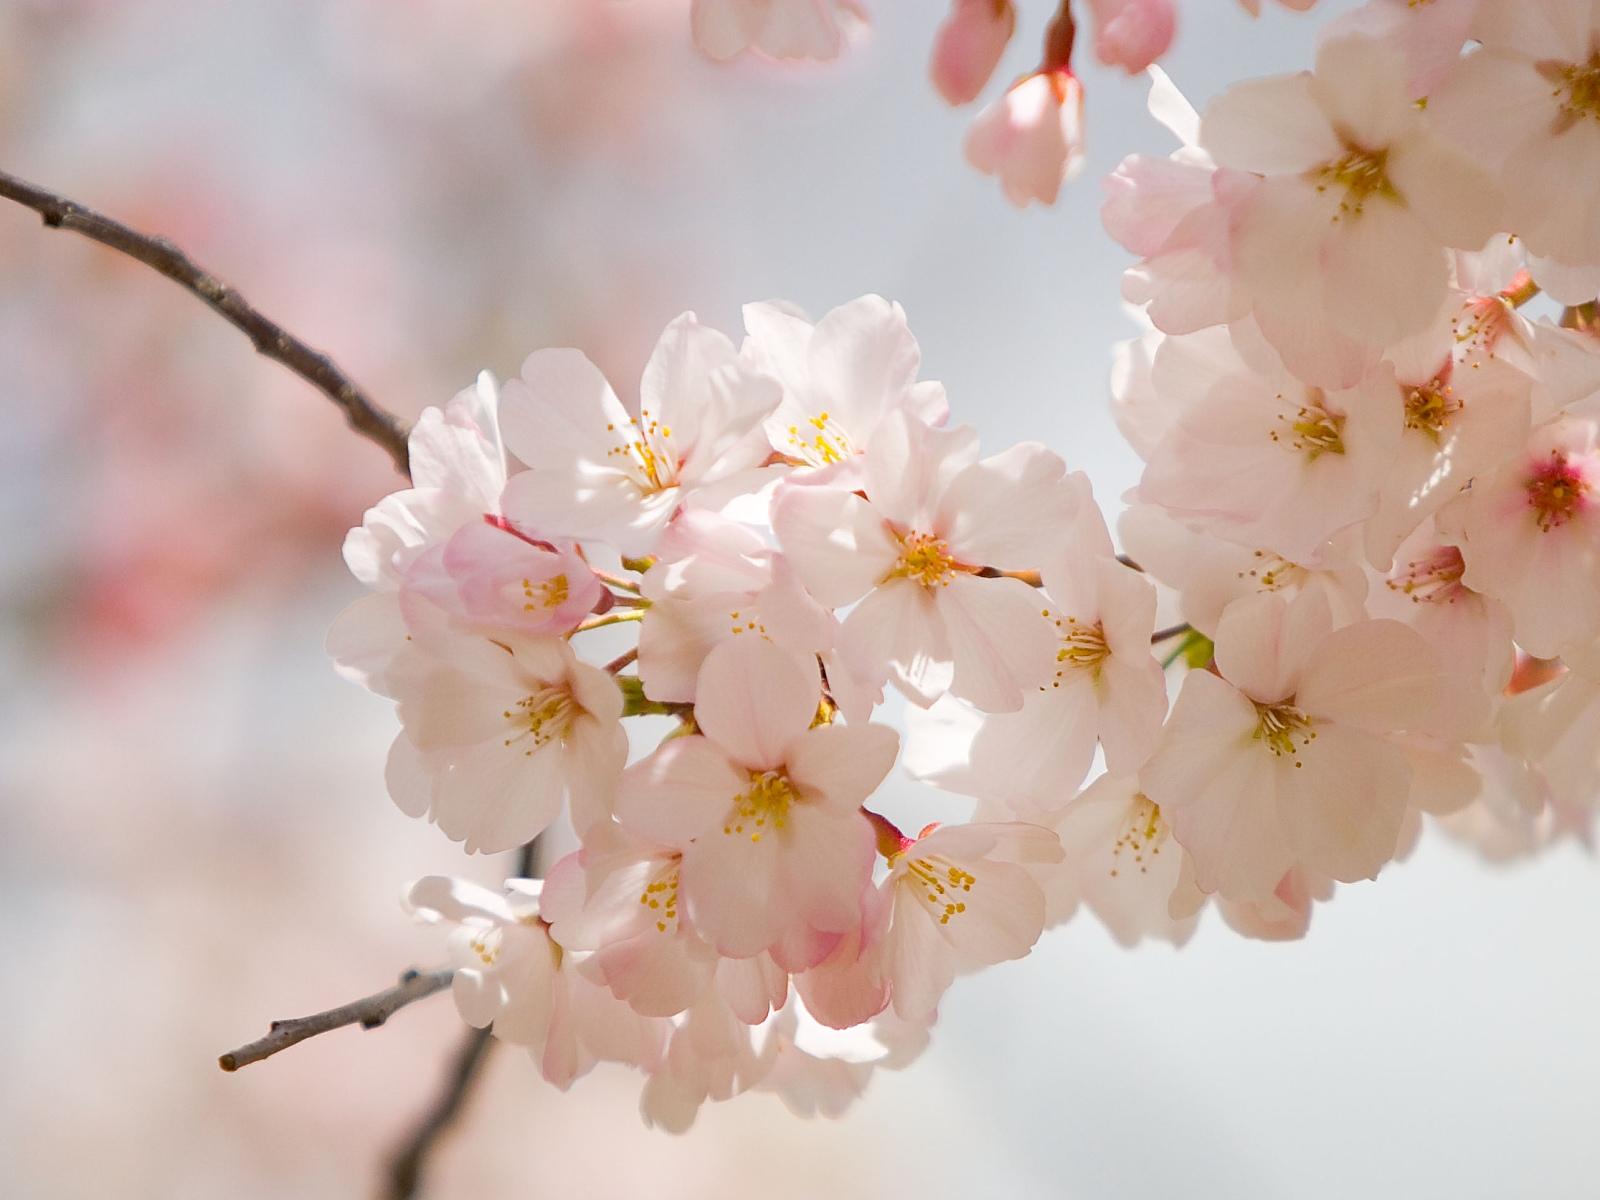 http://3.bp.blogspot.com/-D5MDEJuOWIM/T0YUjei5FaI/AAAAAAAAAuY/EkBSW84omn0/s1600/2-spring-wedding-flowers.jpg